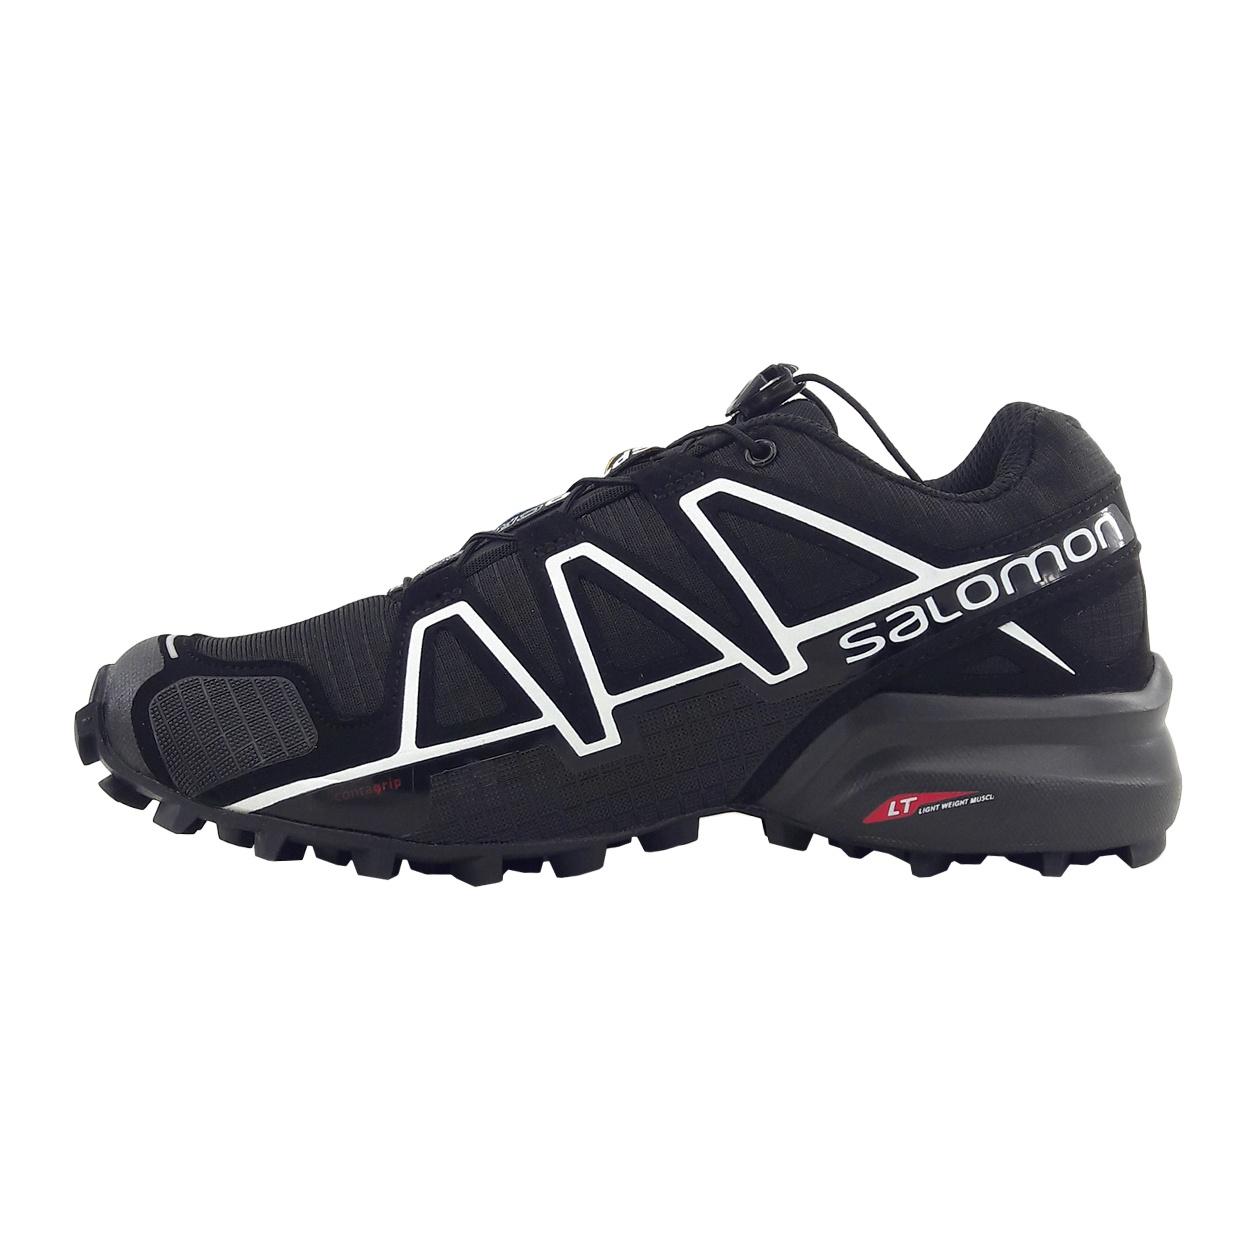 کفش مخصوص پیاده روی زنانه سالومون مدل Speedcross 4